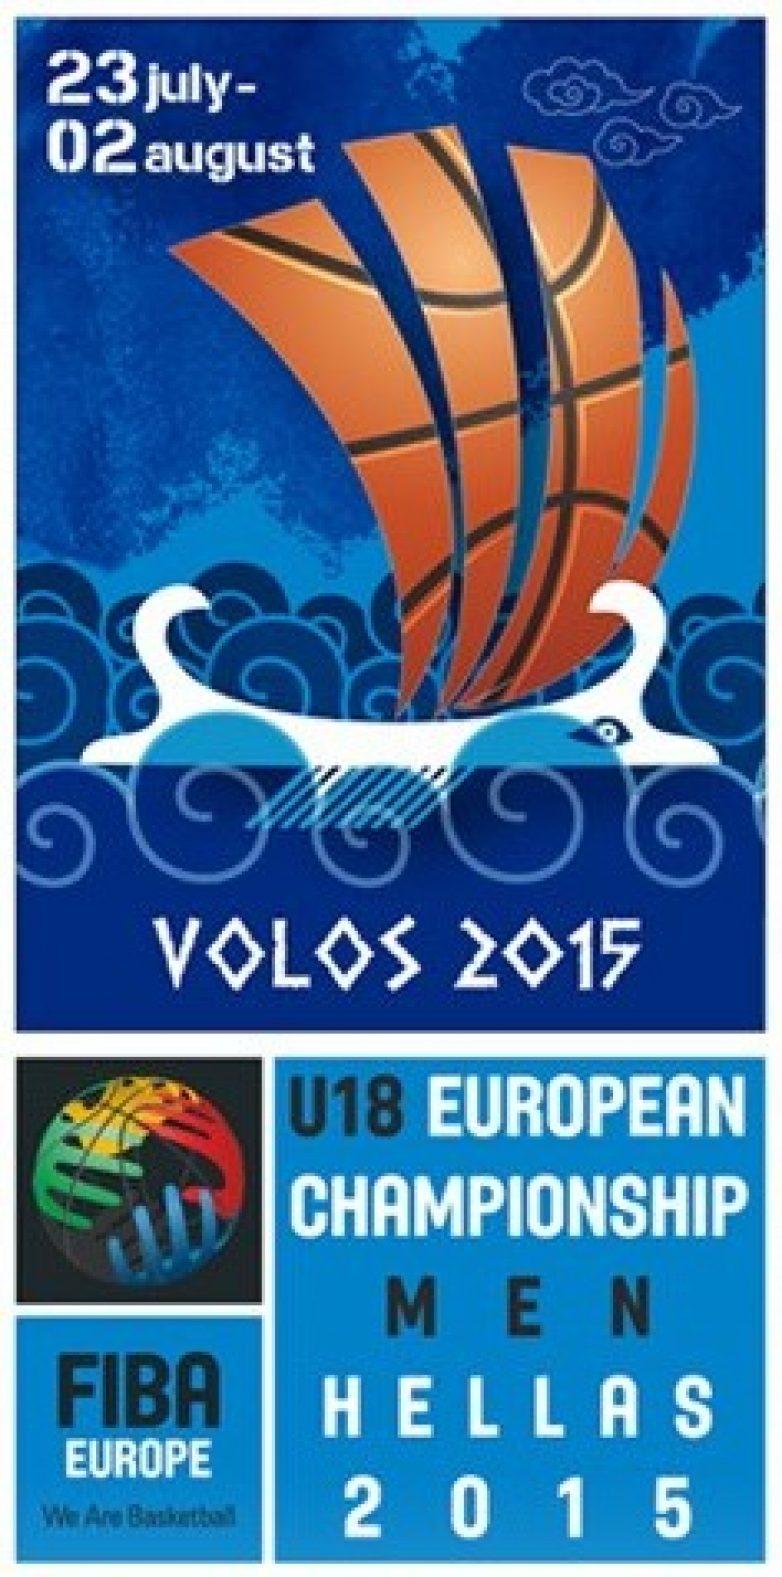 Πανευρωπαϊκό Πρωτάθλημα Μπάσκετ Εφήβων στο Βόλο